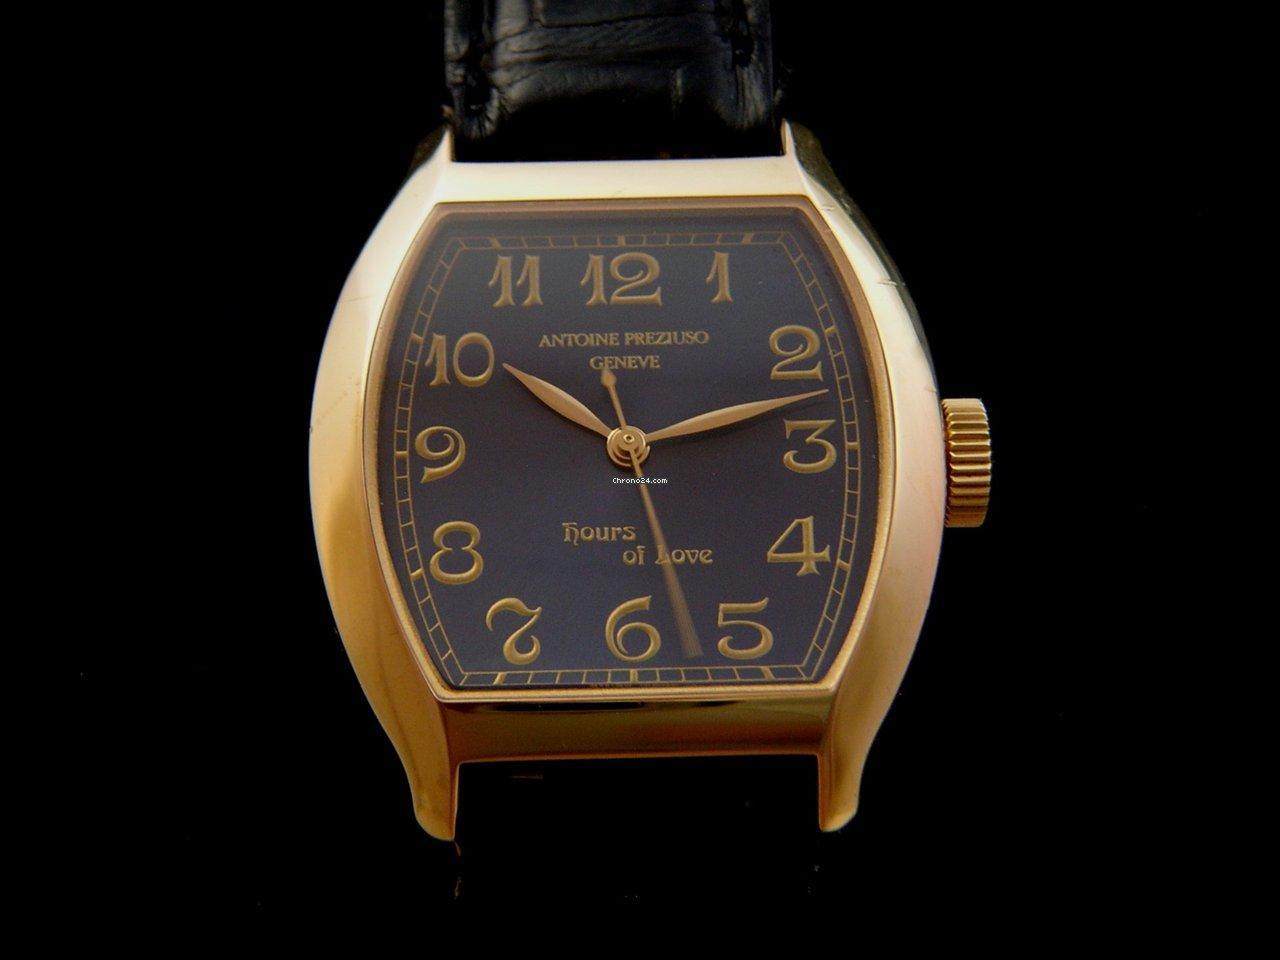 Geneve antoine preziuso часы купить наручные часы интернет магазин в калуге